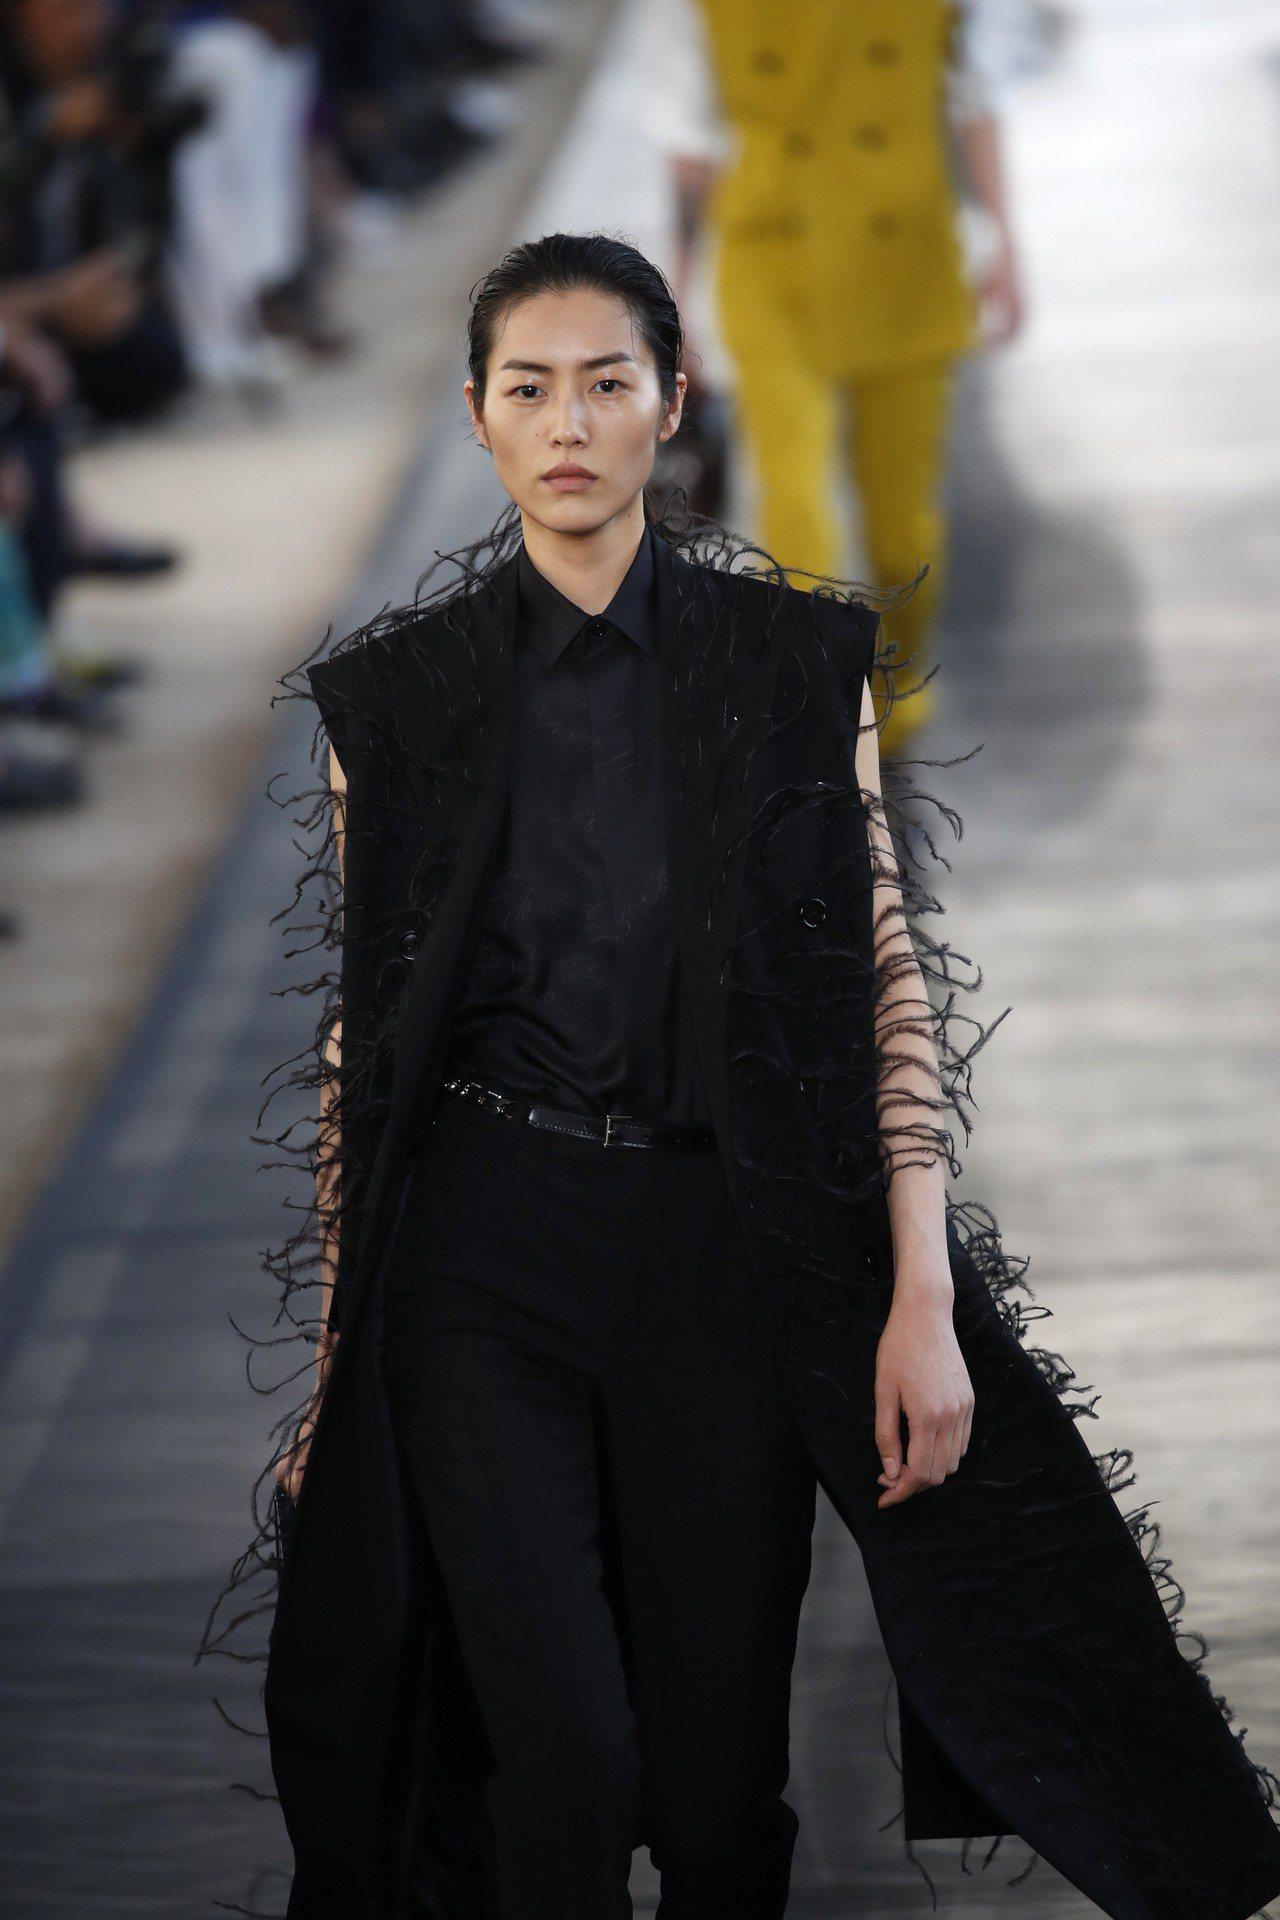 超模劉雯為BERLUTI男裝走秀。圖/美聯社